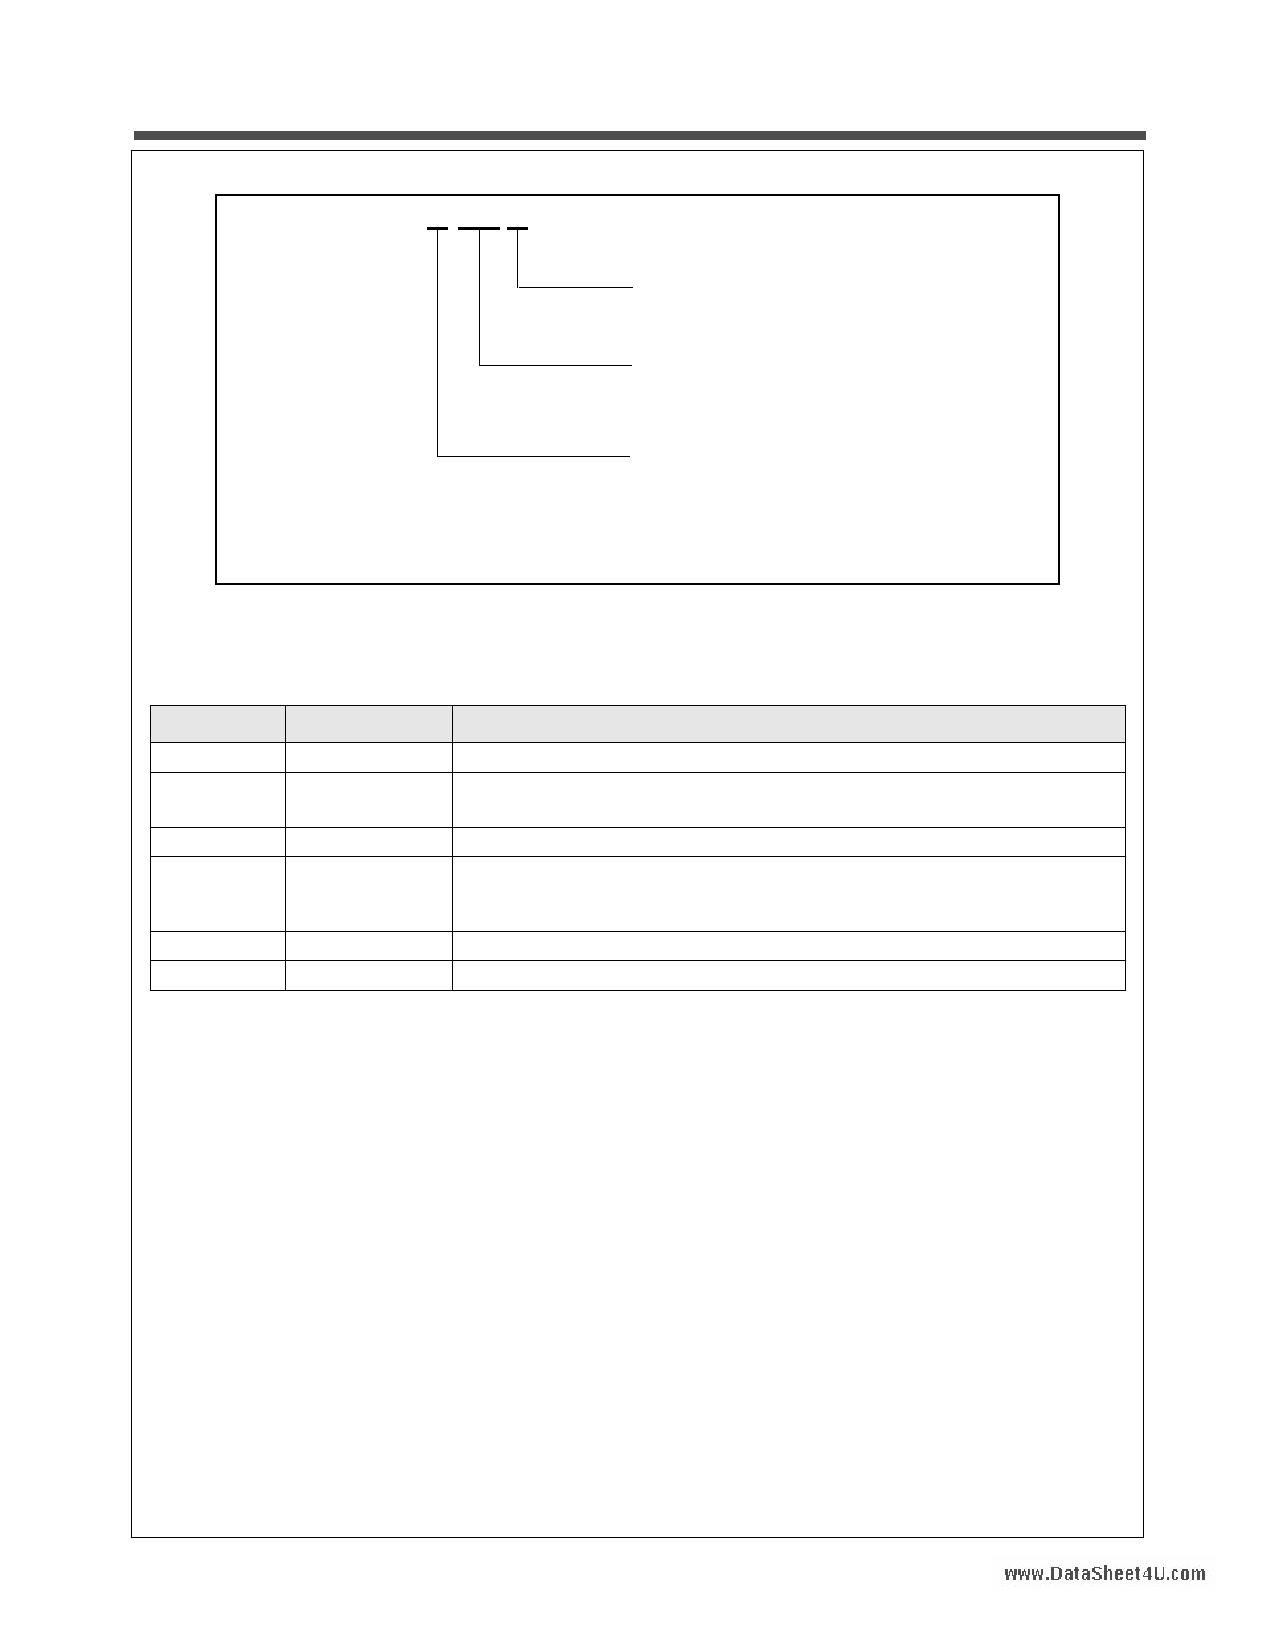 N01L163WC2A arduino